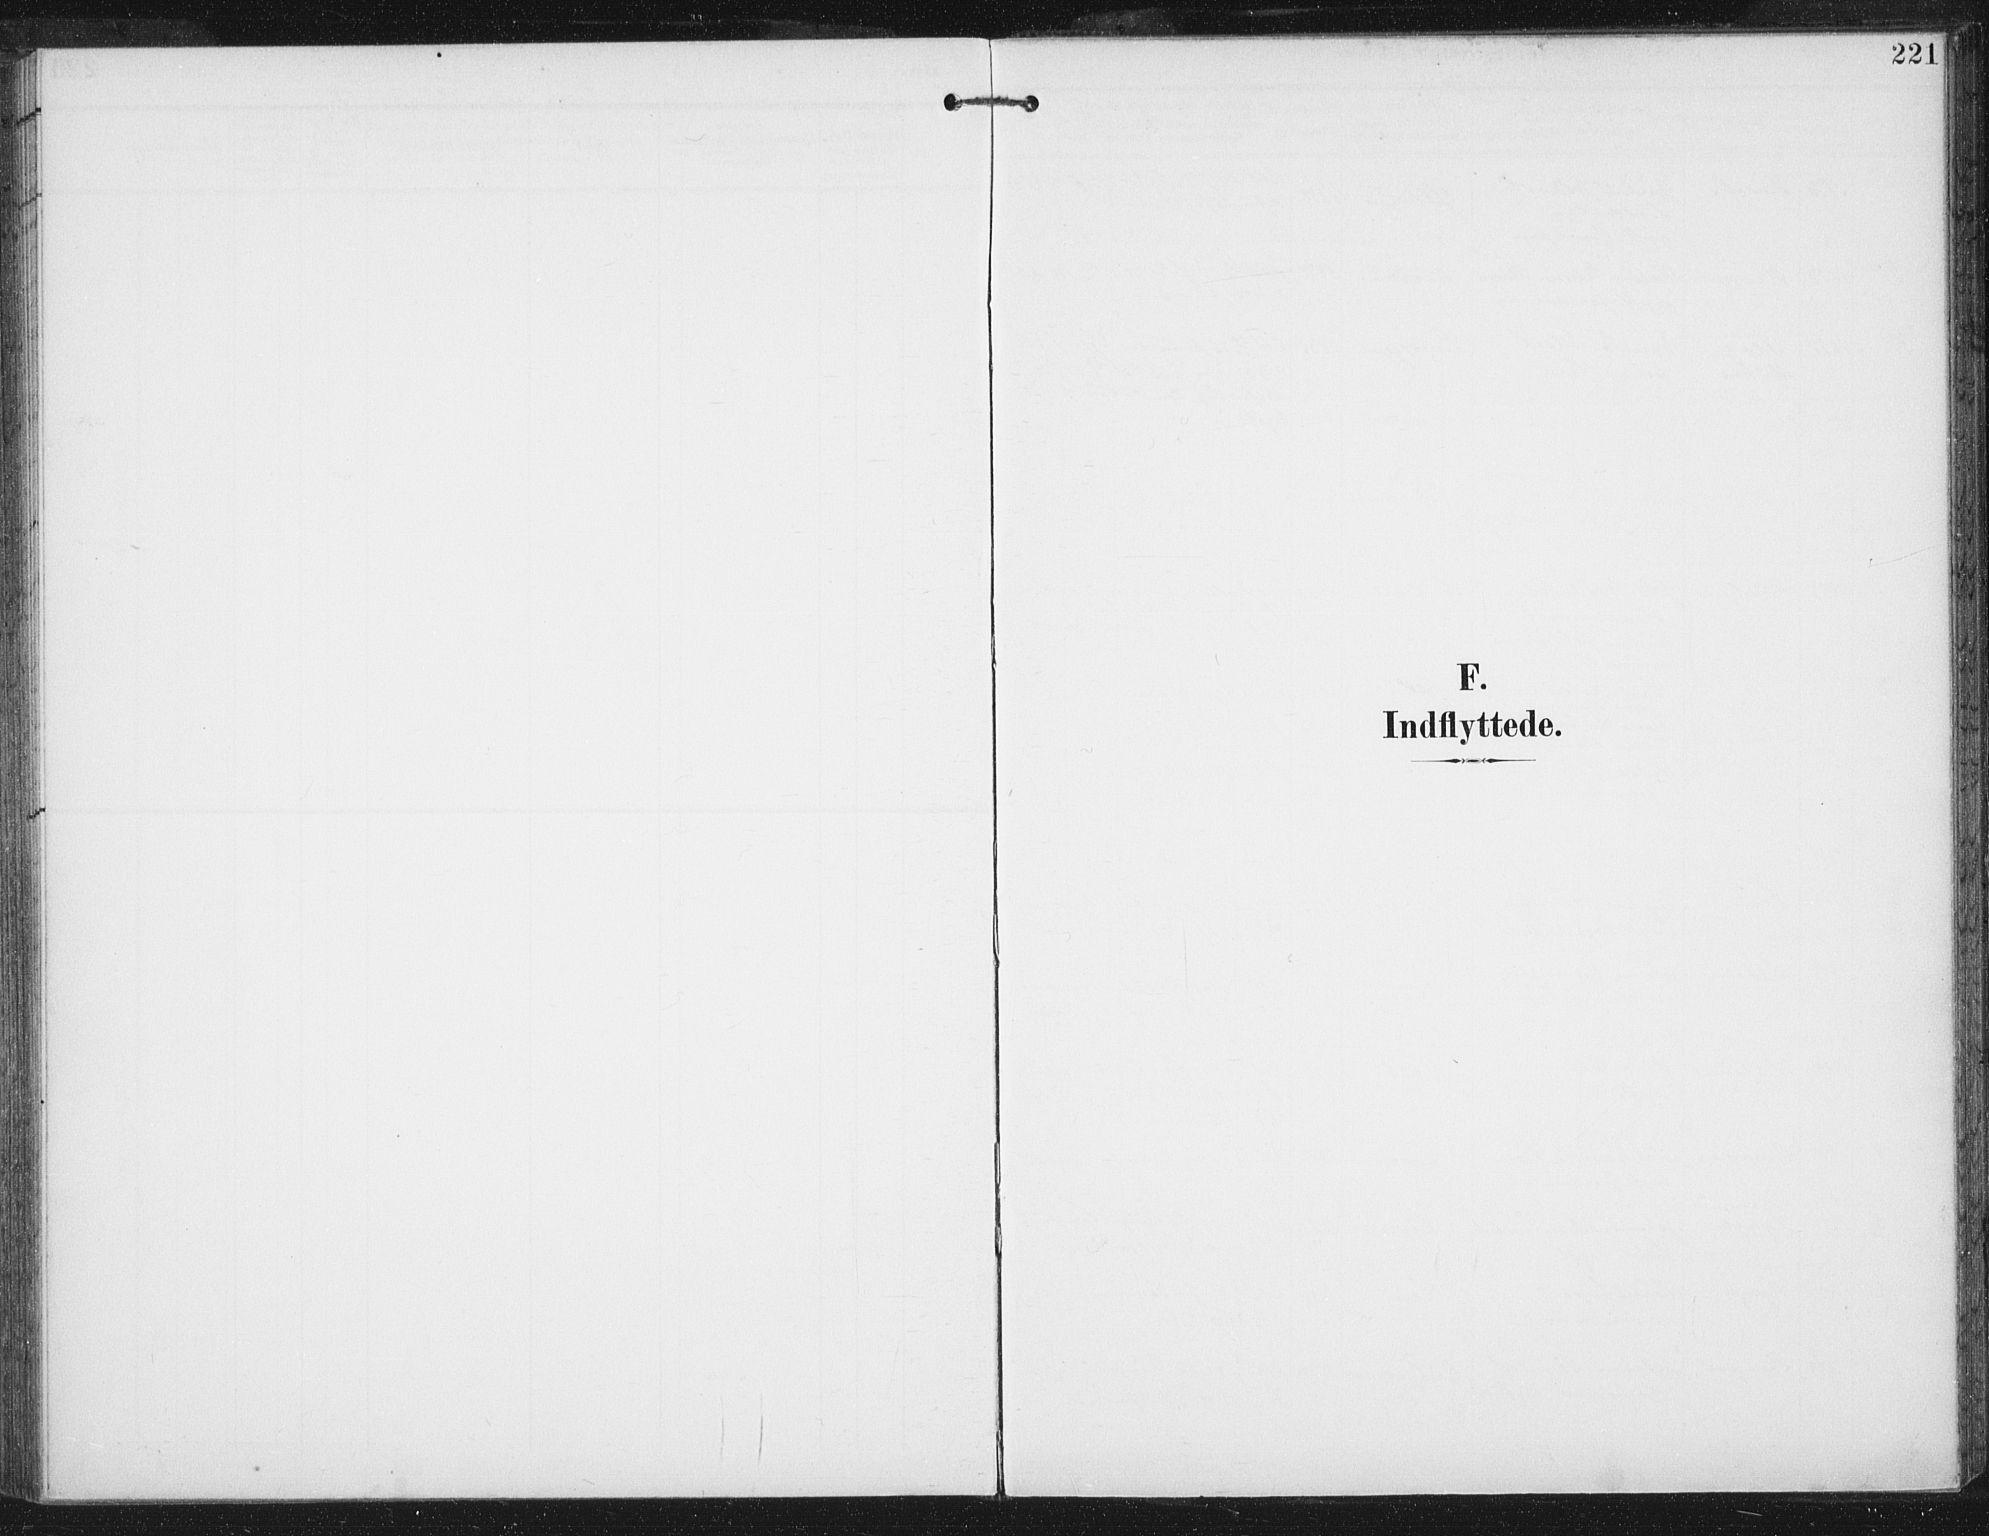 SAT, Ministerialprotokoller, klokkerbøker og fødselsregistre - Sør-Trøndelag, 674/L0872: Ministerialbok nr. 674A04, 1897-1907, s. 221